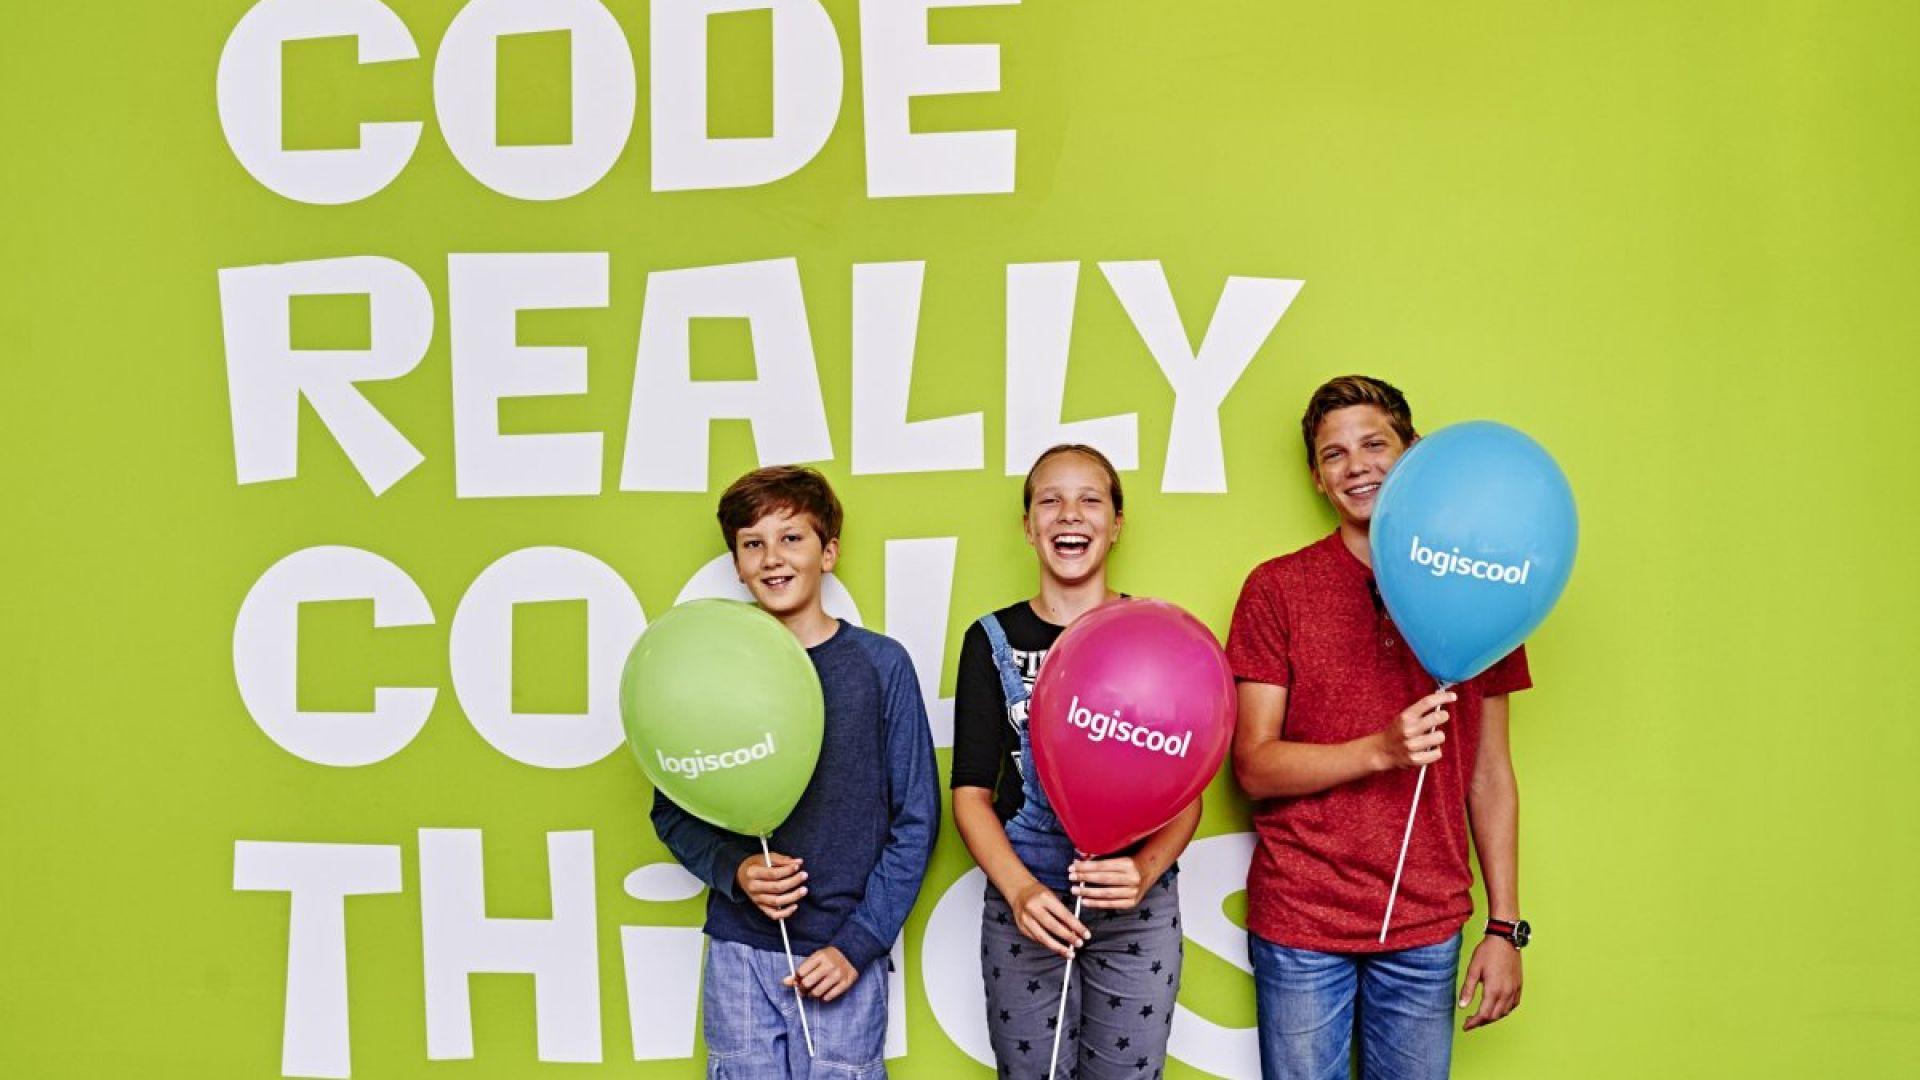 Международната верига школи по програмиране с първи франчайз партньор у нас